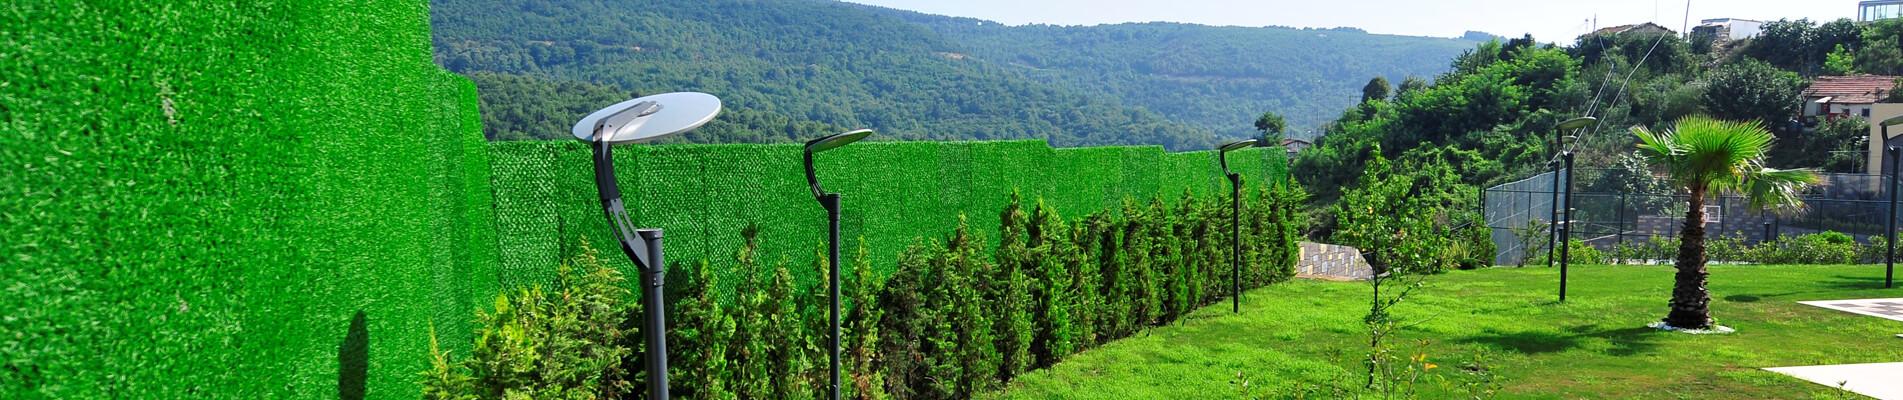 Jardines verdes y seguros con vallas de césped